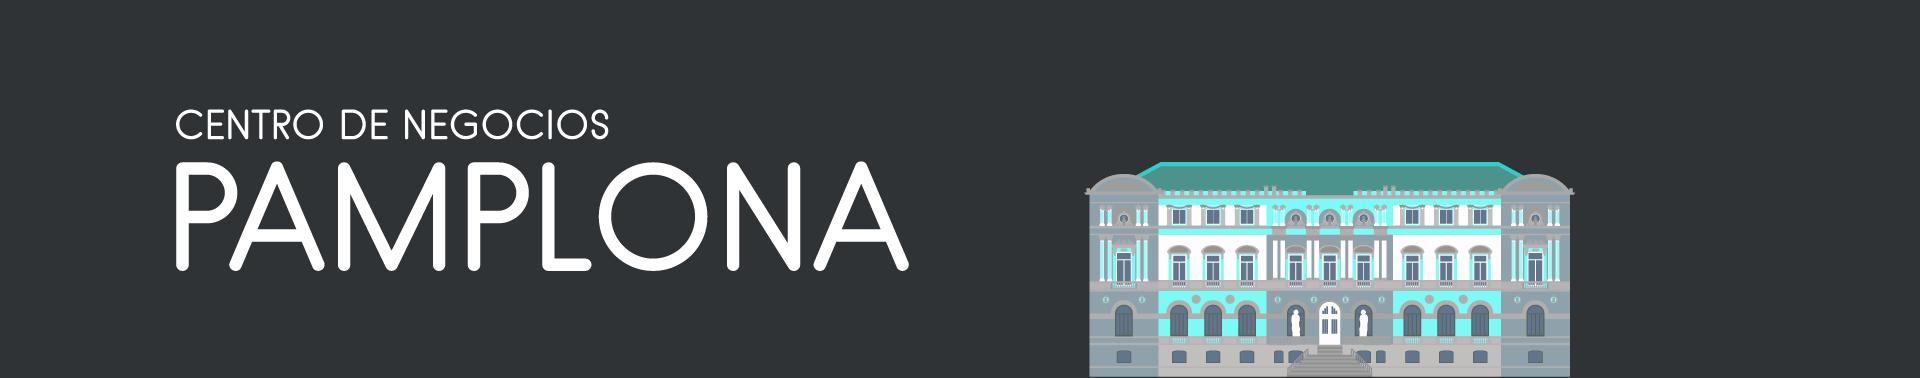 Centro de Negocios en Pamplona